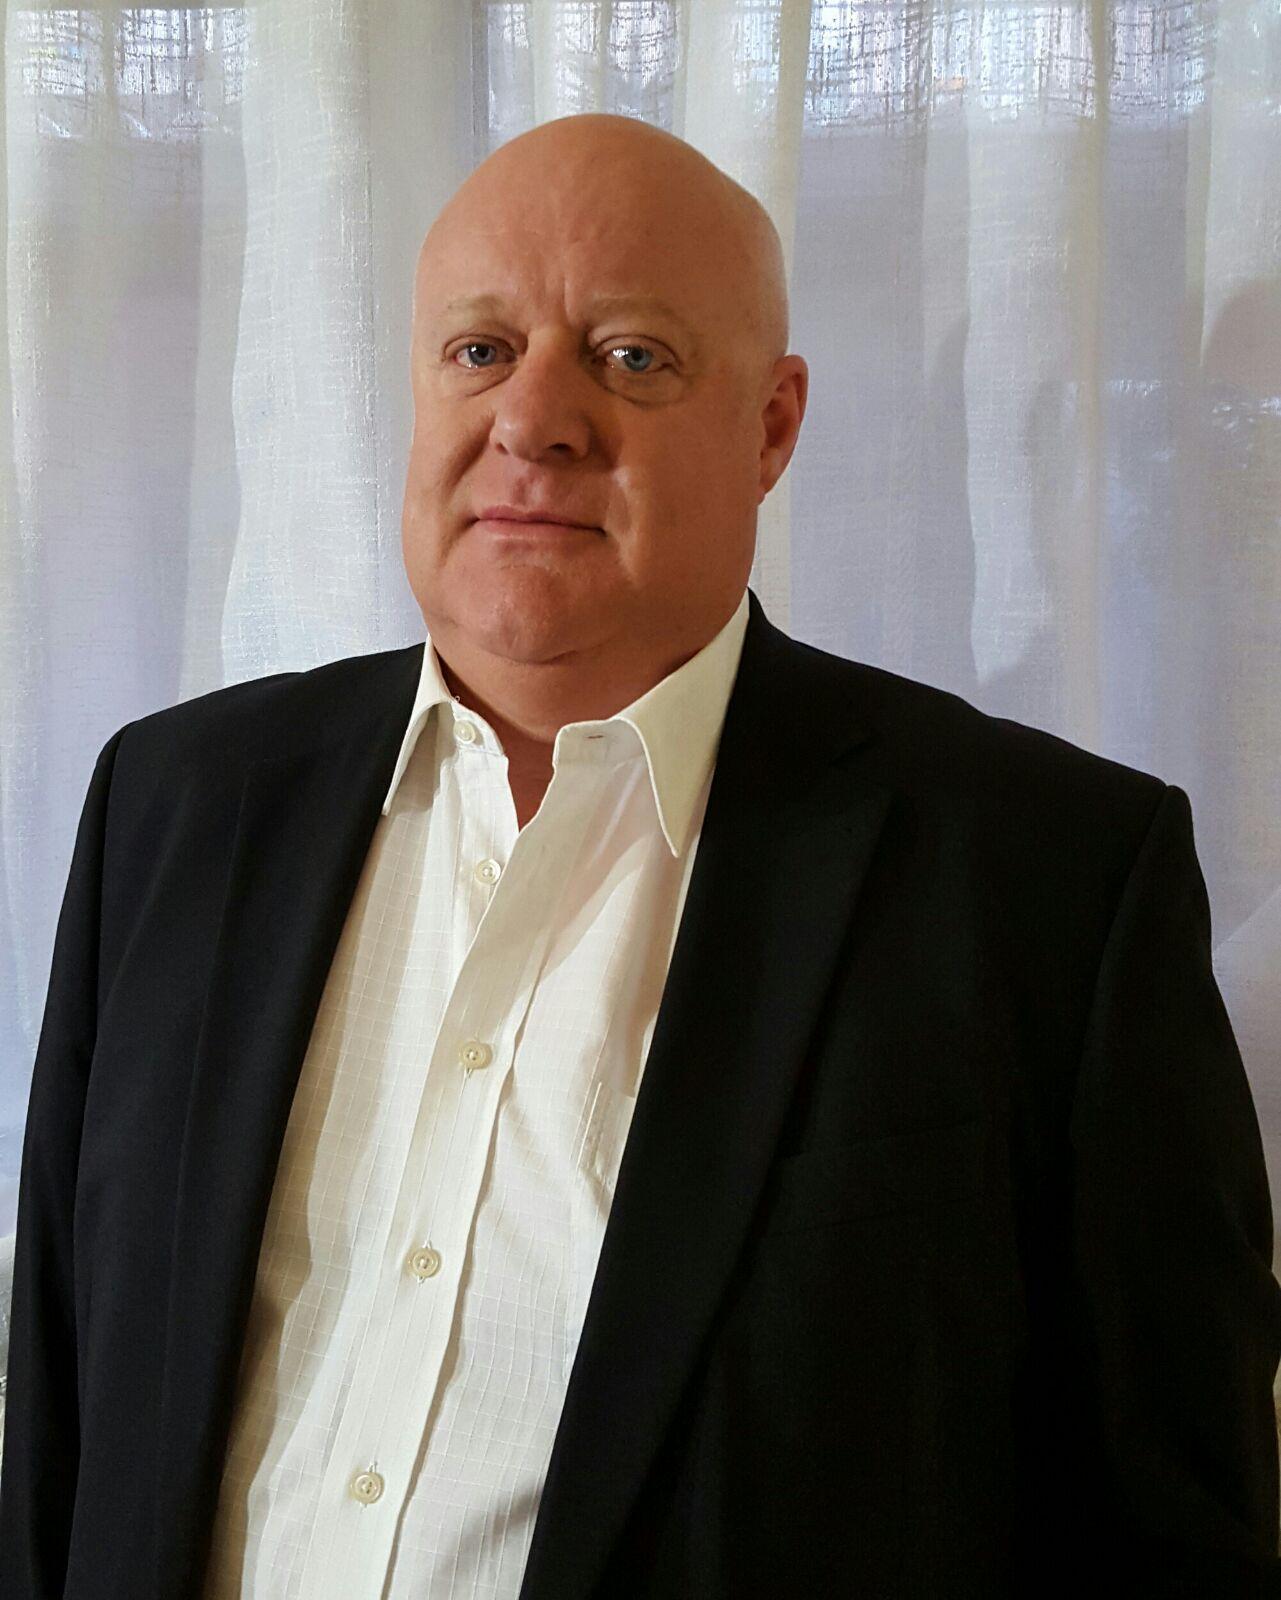 Frode: arrestato il candidato sindaco di San Giorgio Jonico, Donato Ponzetta